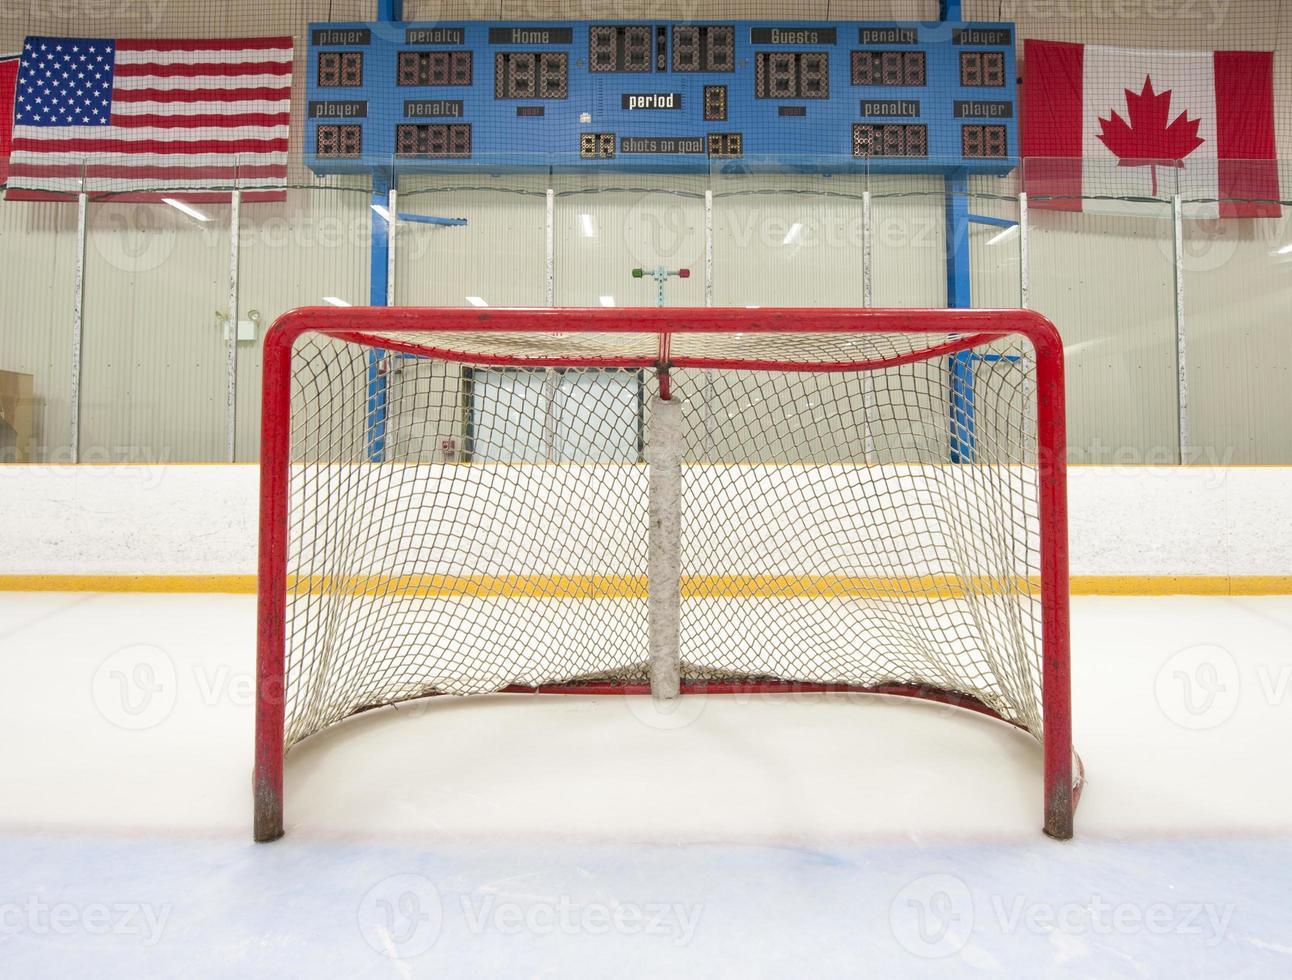 rete da hockey con tabellone segnapunti foto